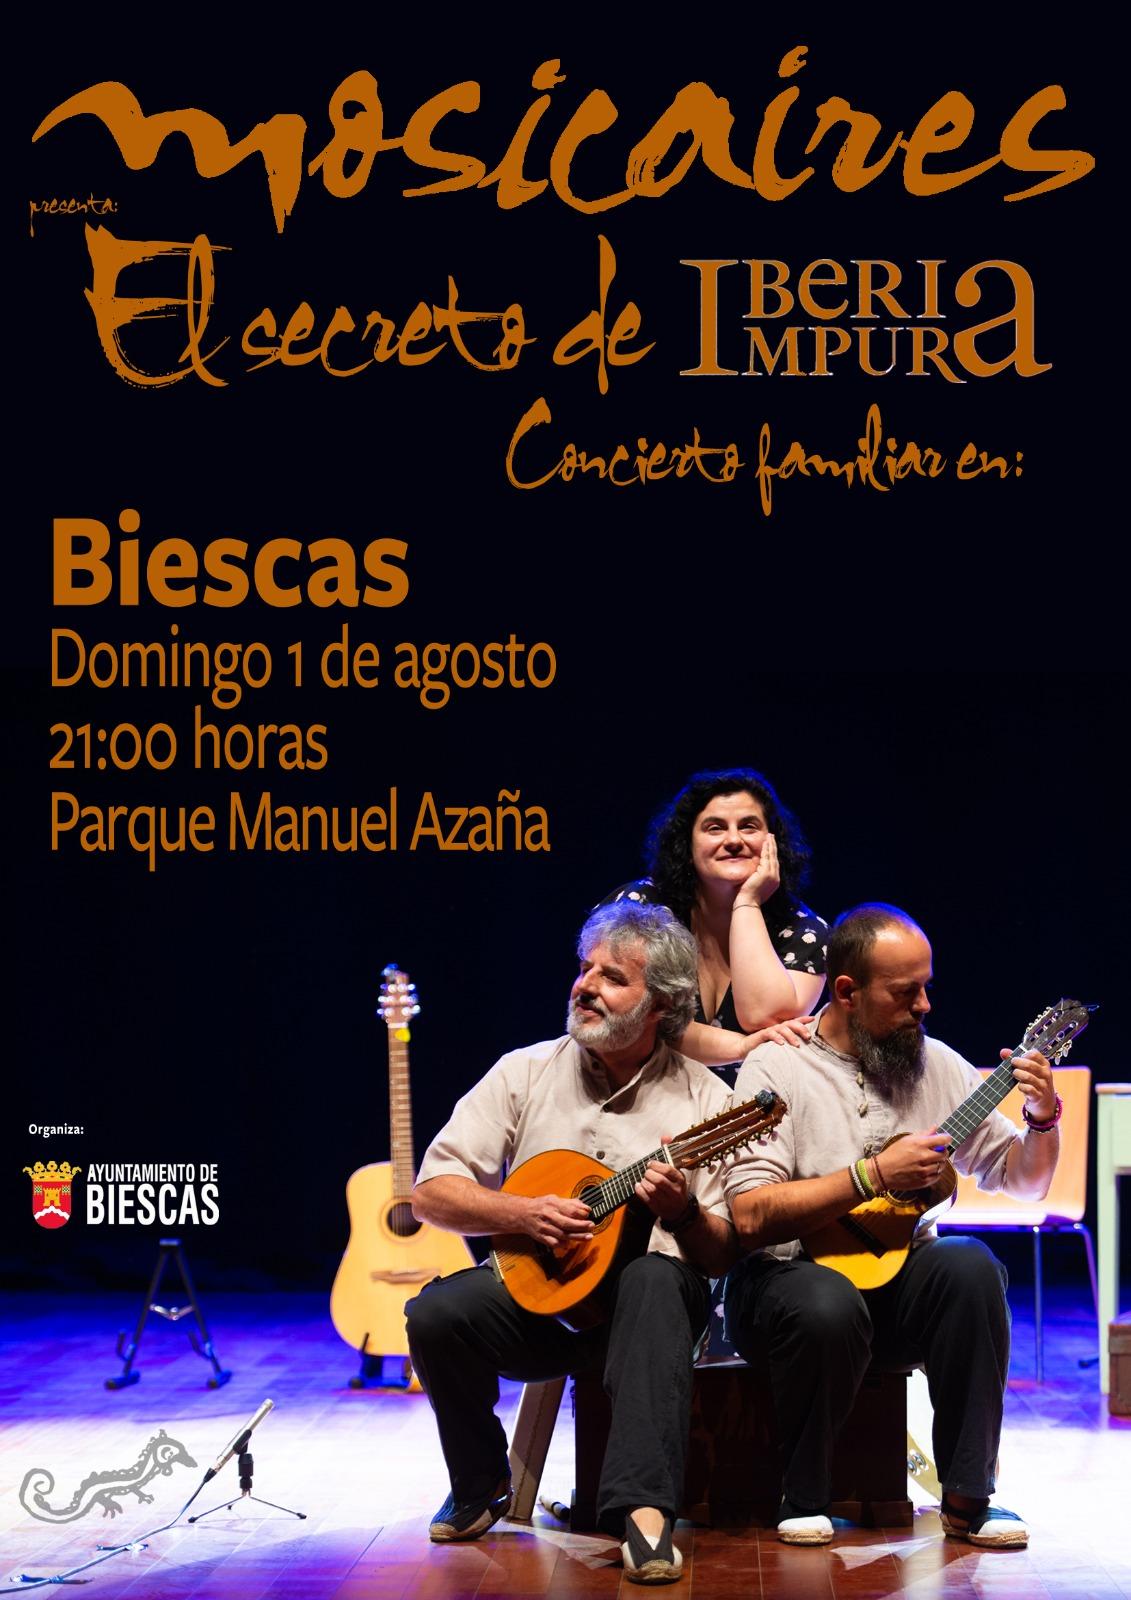 Mosicaires «El secreto de Iberia Impura»